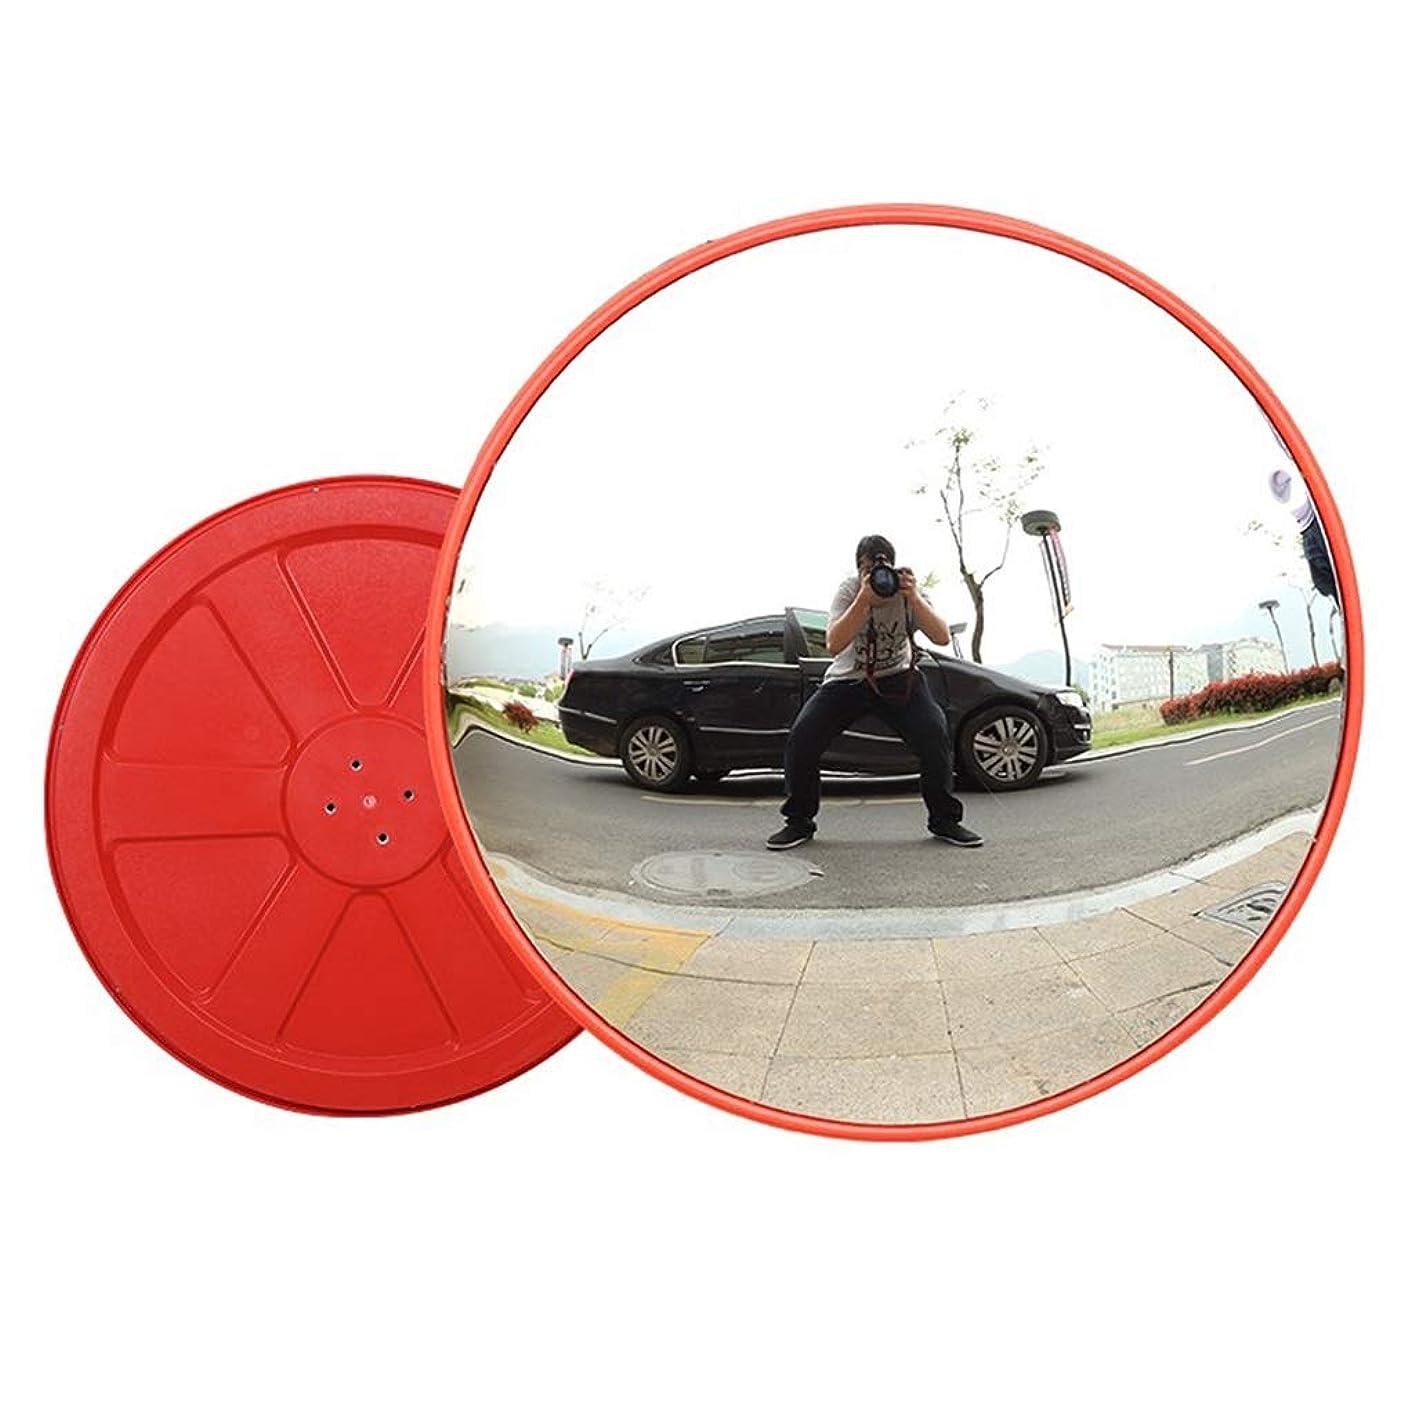 均等に要求する時間厳守屋外と屋内のセキュリティミラー オレンジ色 ポリカーボネート材とABSフレーム 耐光性耐衝撃性 交通安全および店の安全のため (色 : Indoor, サイズ さいず : 80センチメートル)